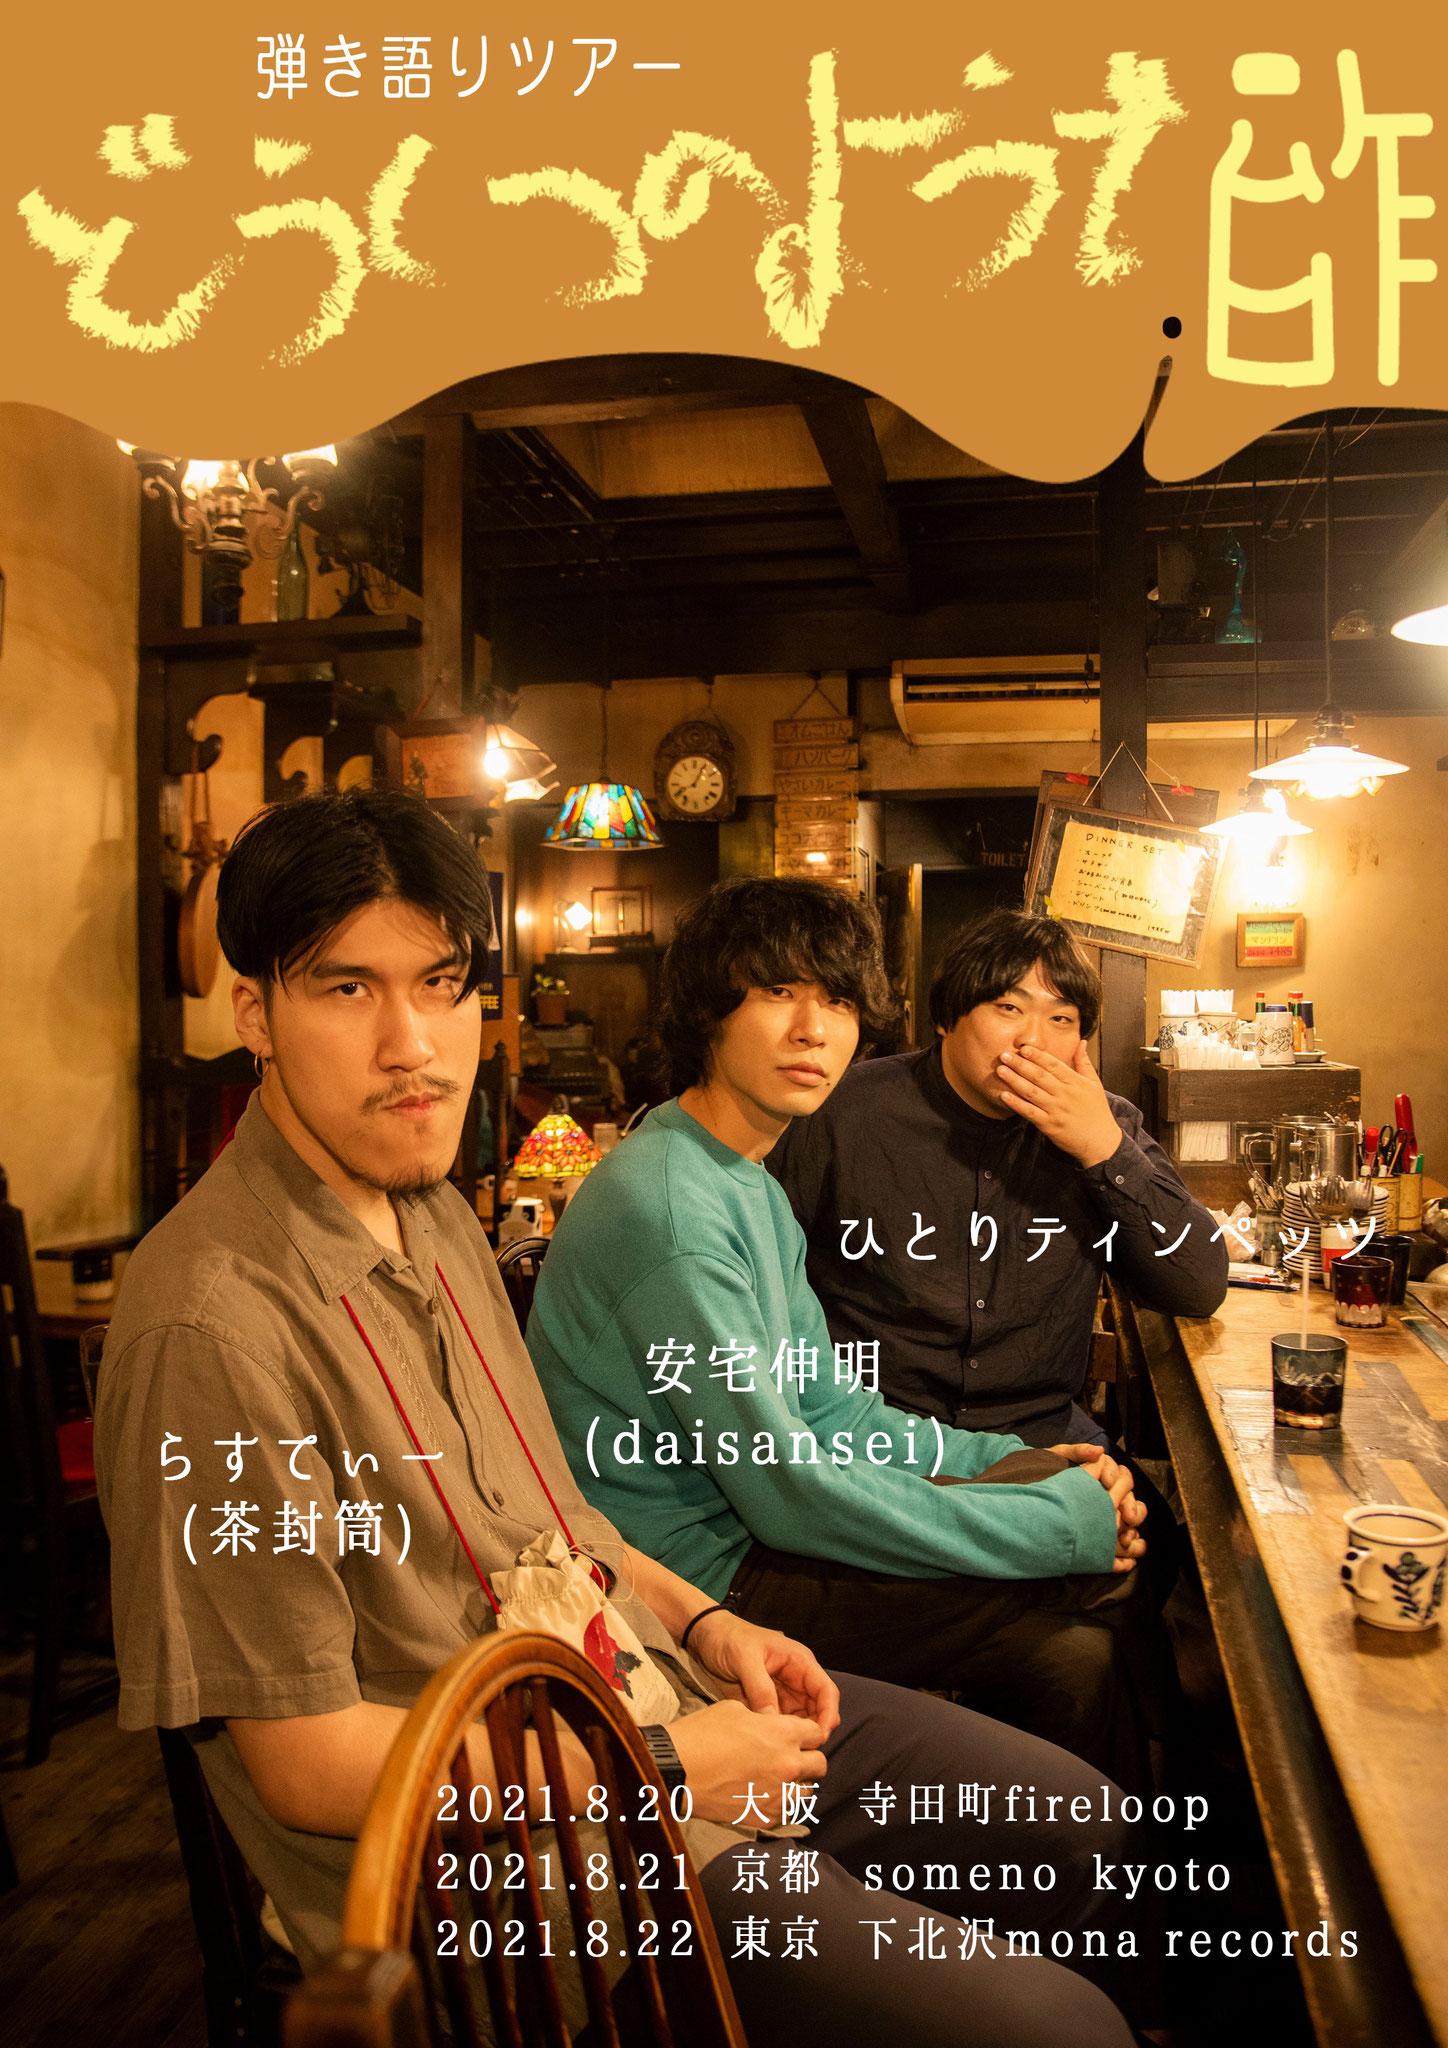 ひとりティンペッツ(ティンペッツ)/安宅伸明(daisansei)/らすてぃー(茶封筒)